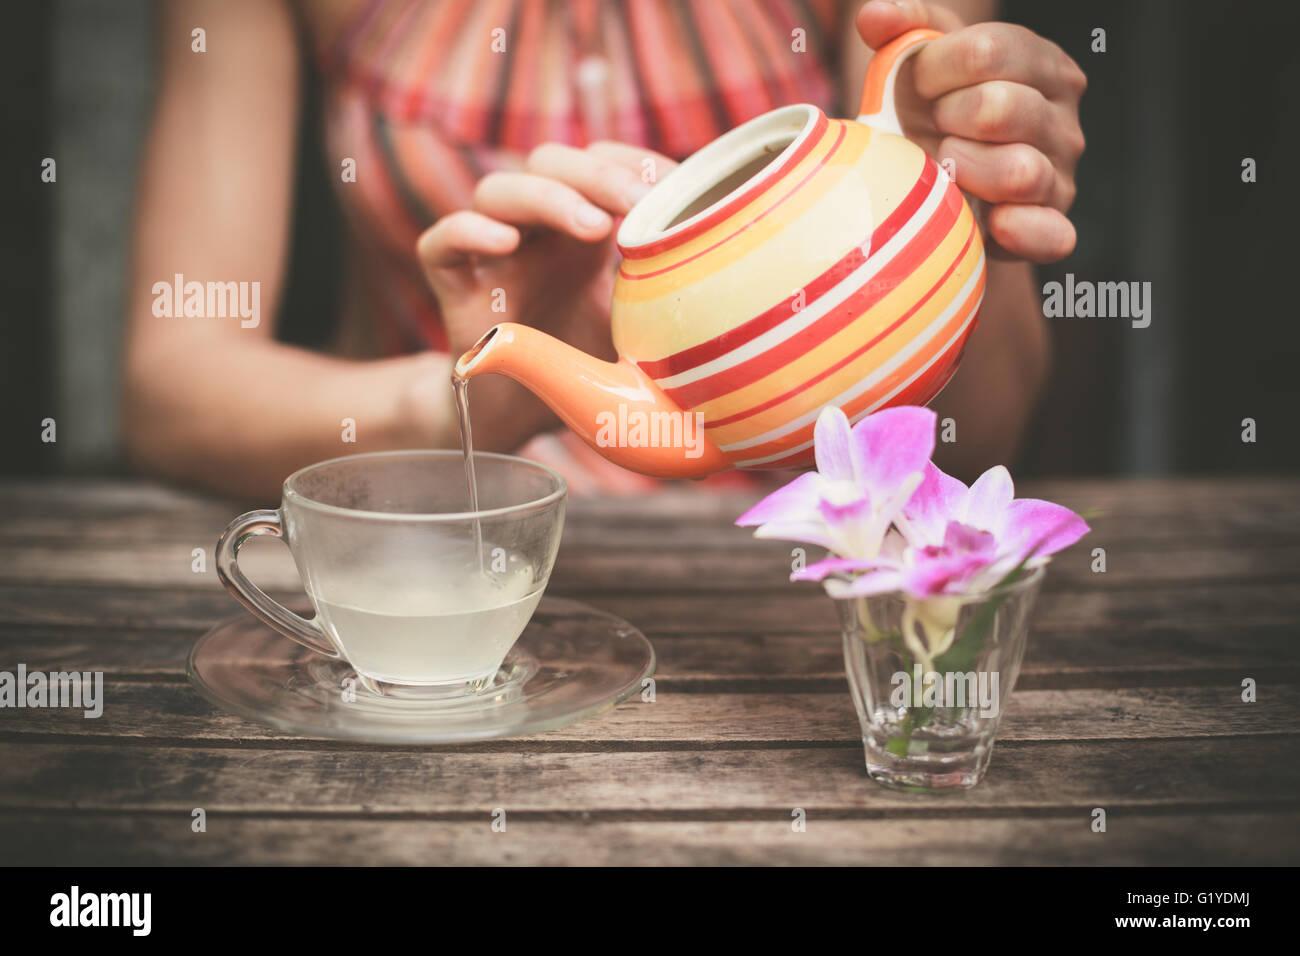 Una giovane donna è seduta al tavolo e versando una tazza di tè Immagini Stock